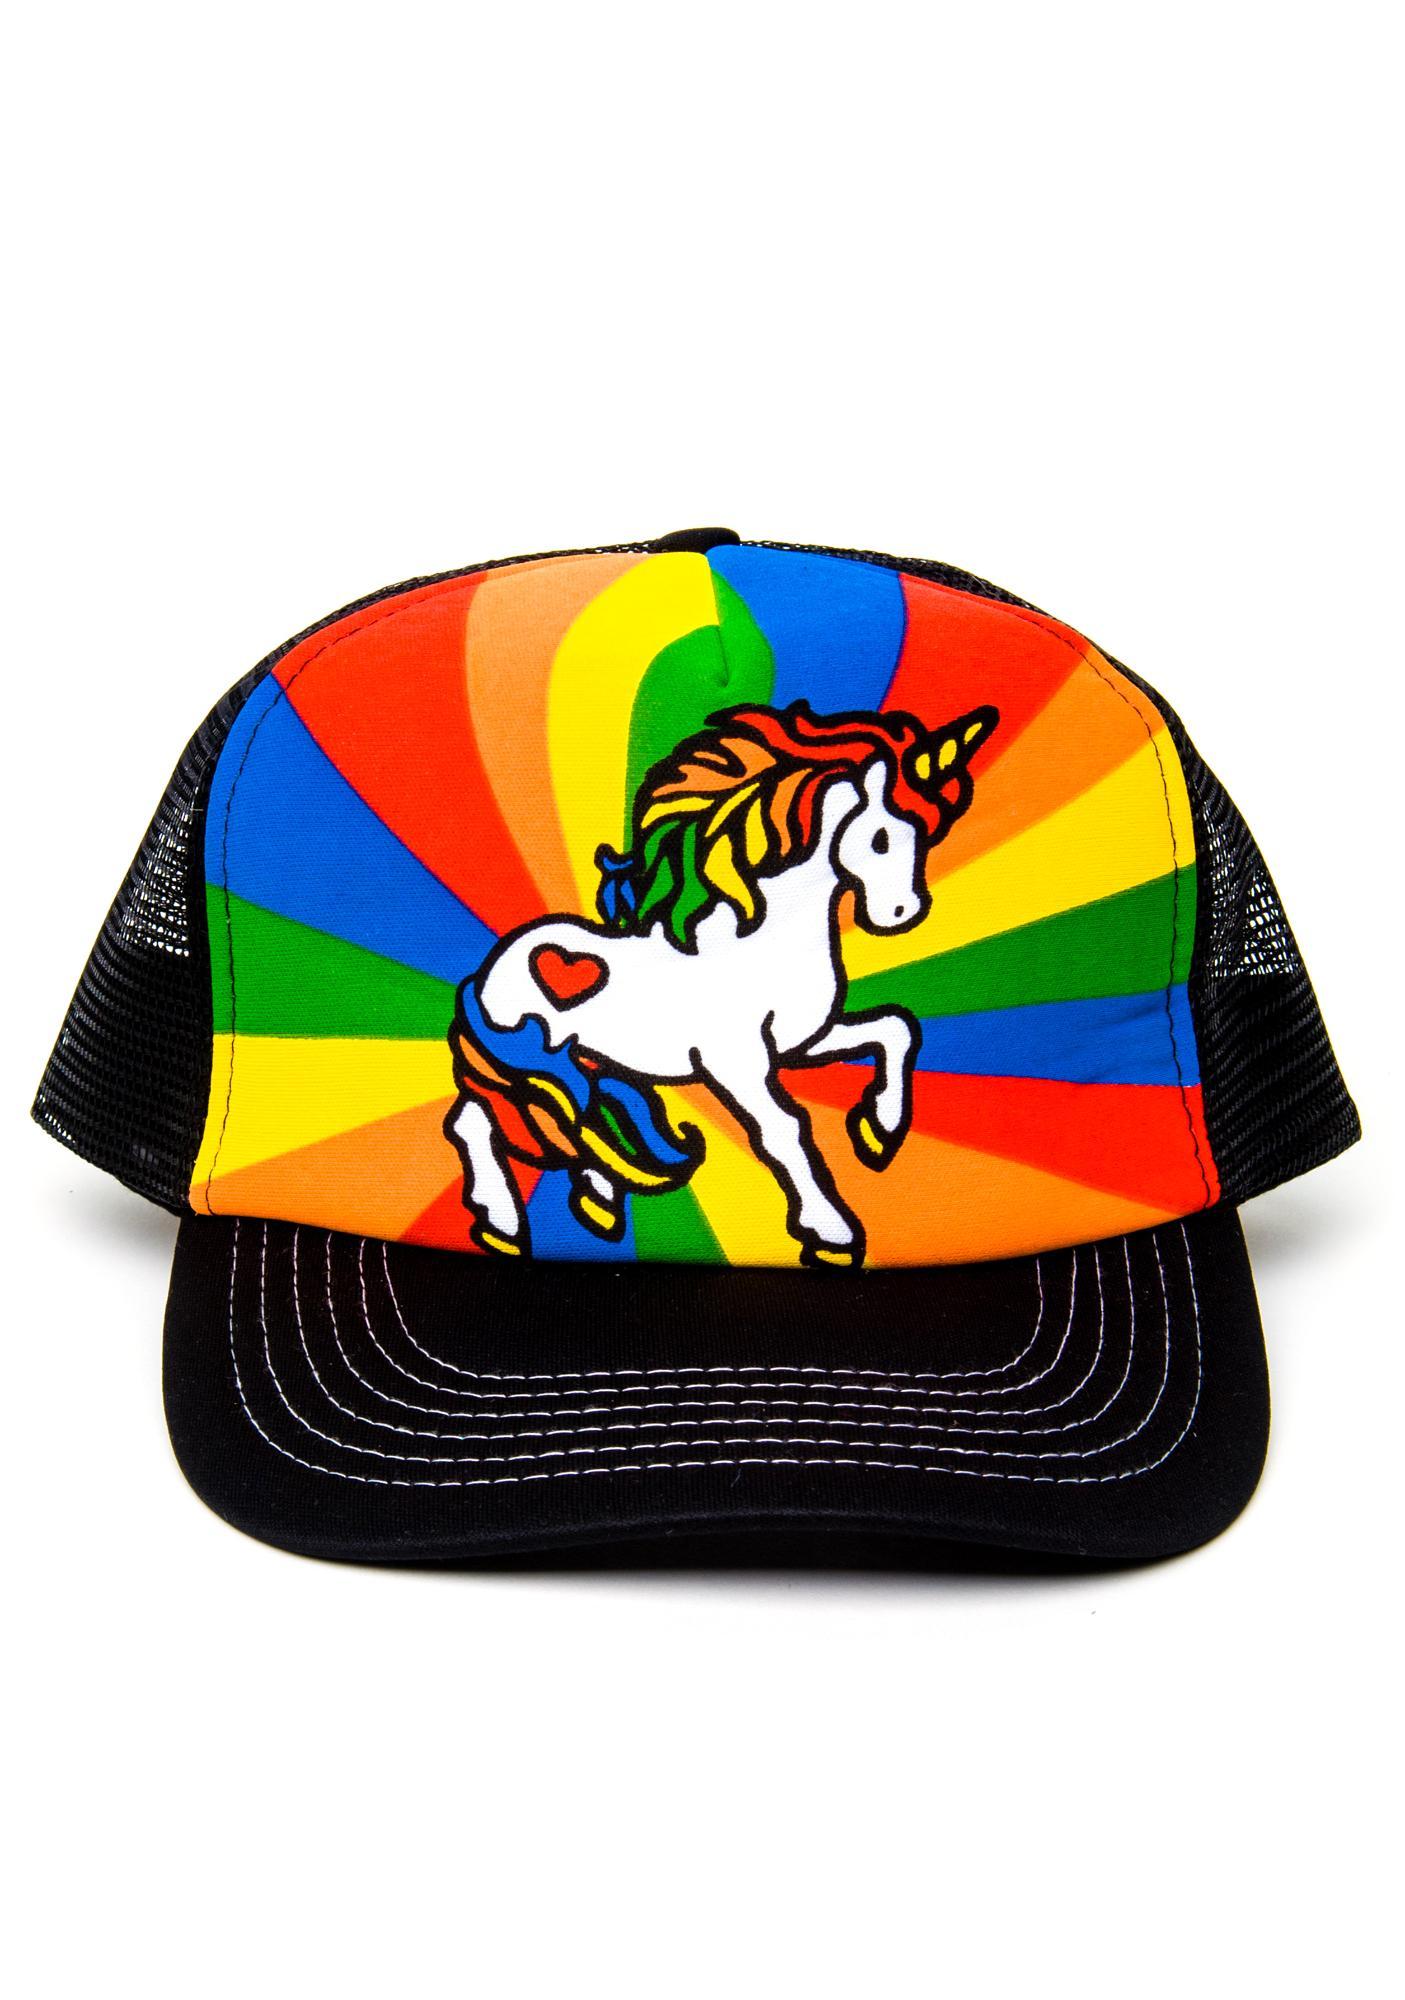 Unicorn Freakout Mesh Cap